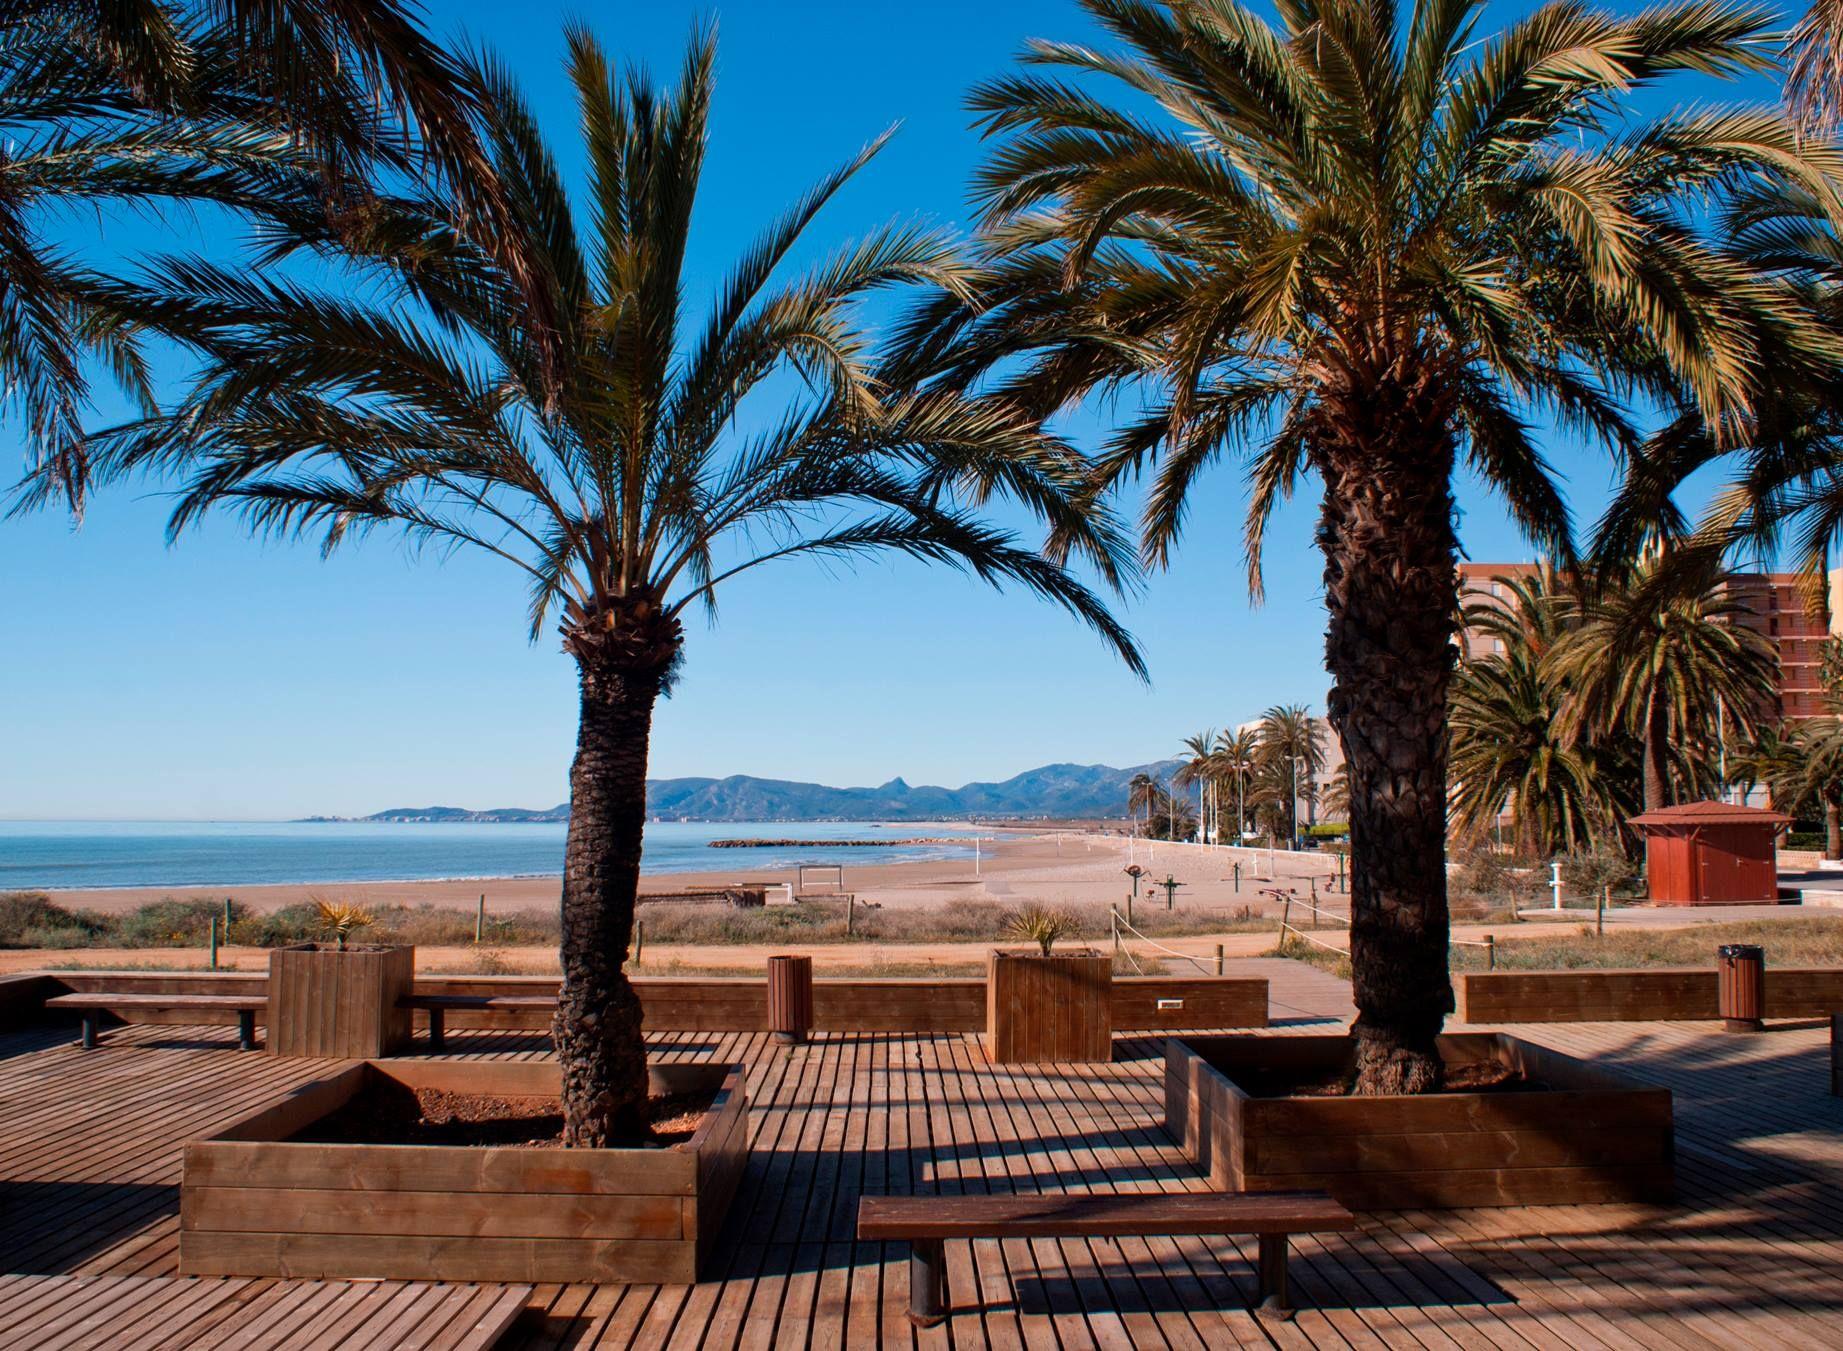 Bon Dia Buenos Días Desde La Playa Torrenostra En Torreblanca Castellonmediterraneo Playa Urbana Y Amplia Con Dos Largos Playa Urbana Playa Vacaciones